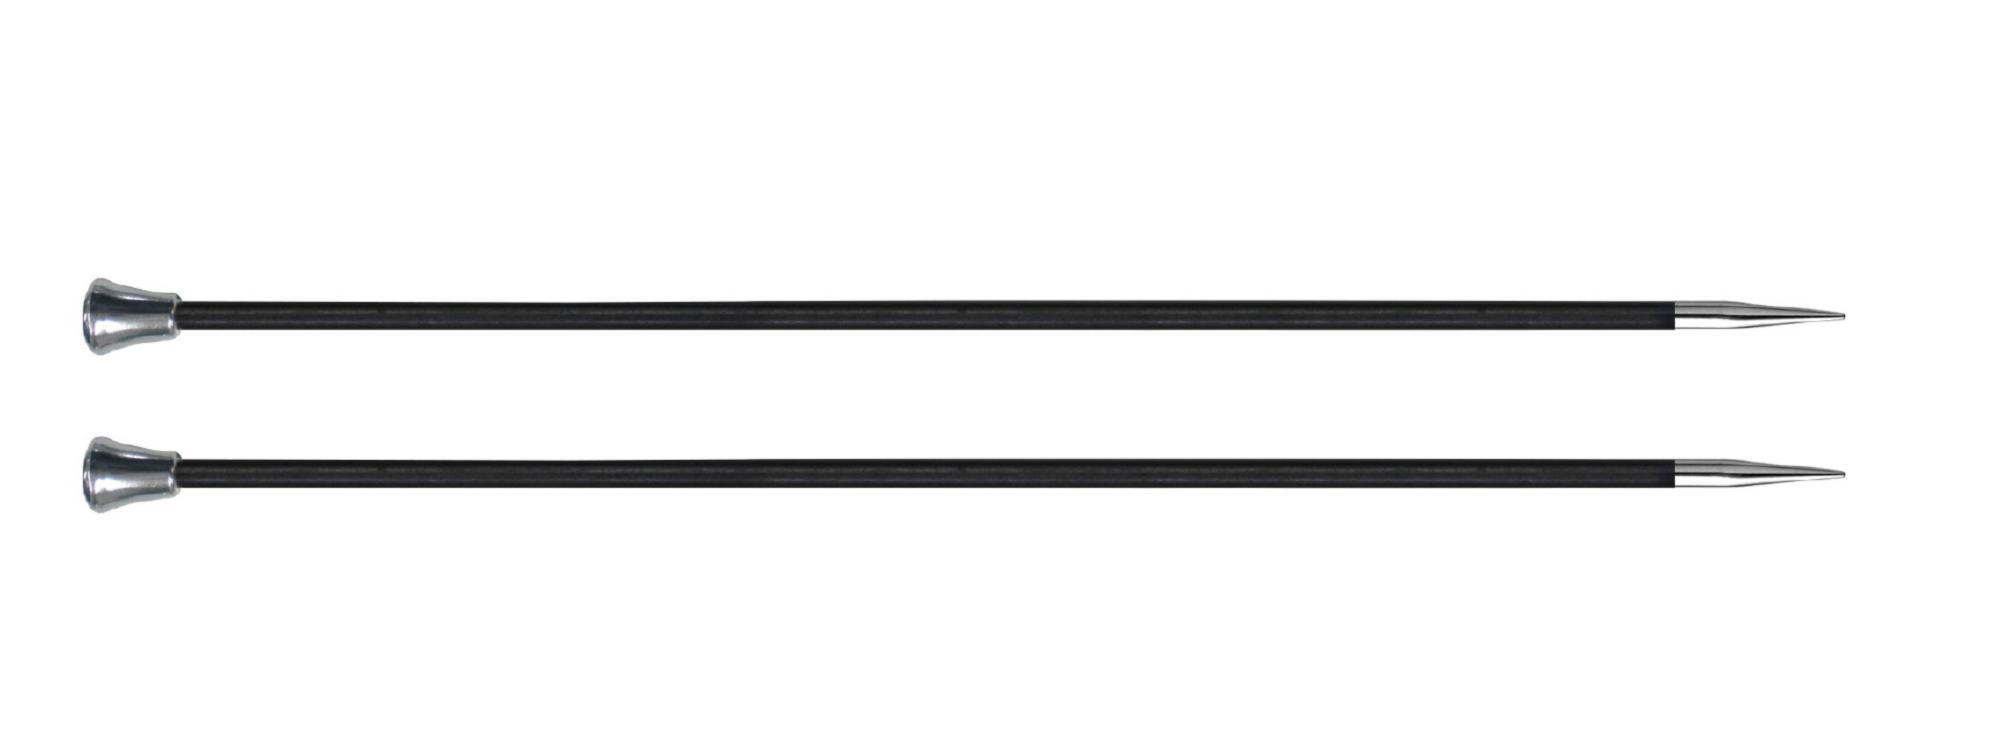 Спицы прямые 35 см Karbonz KnitPro, 41283, 2.75 мм